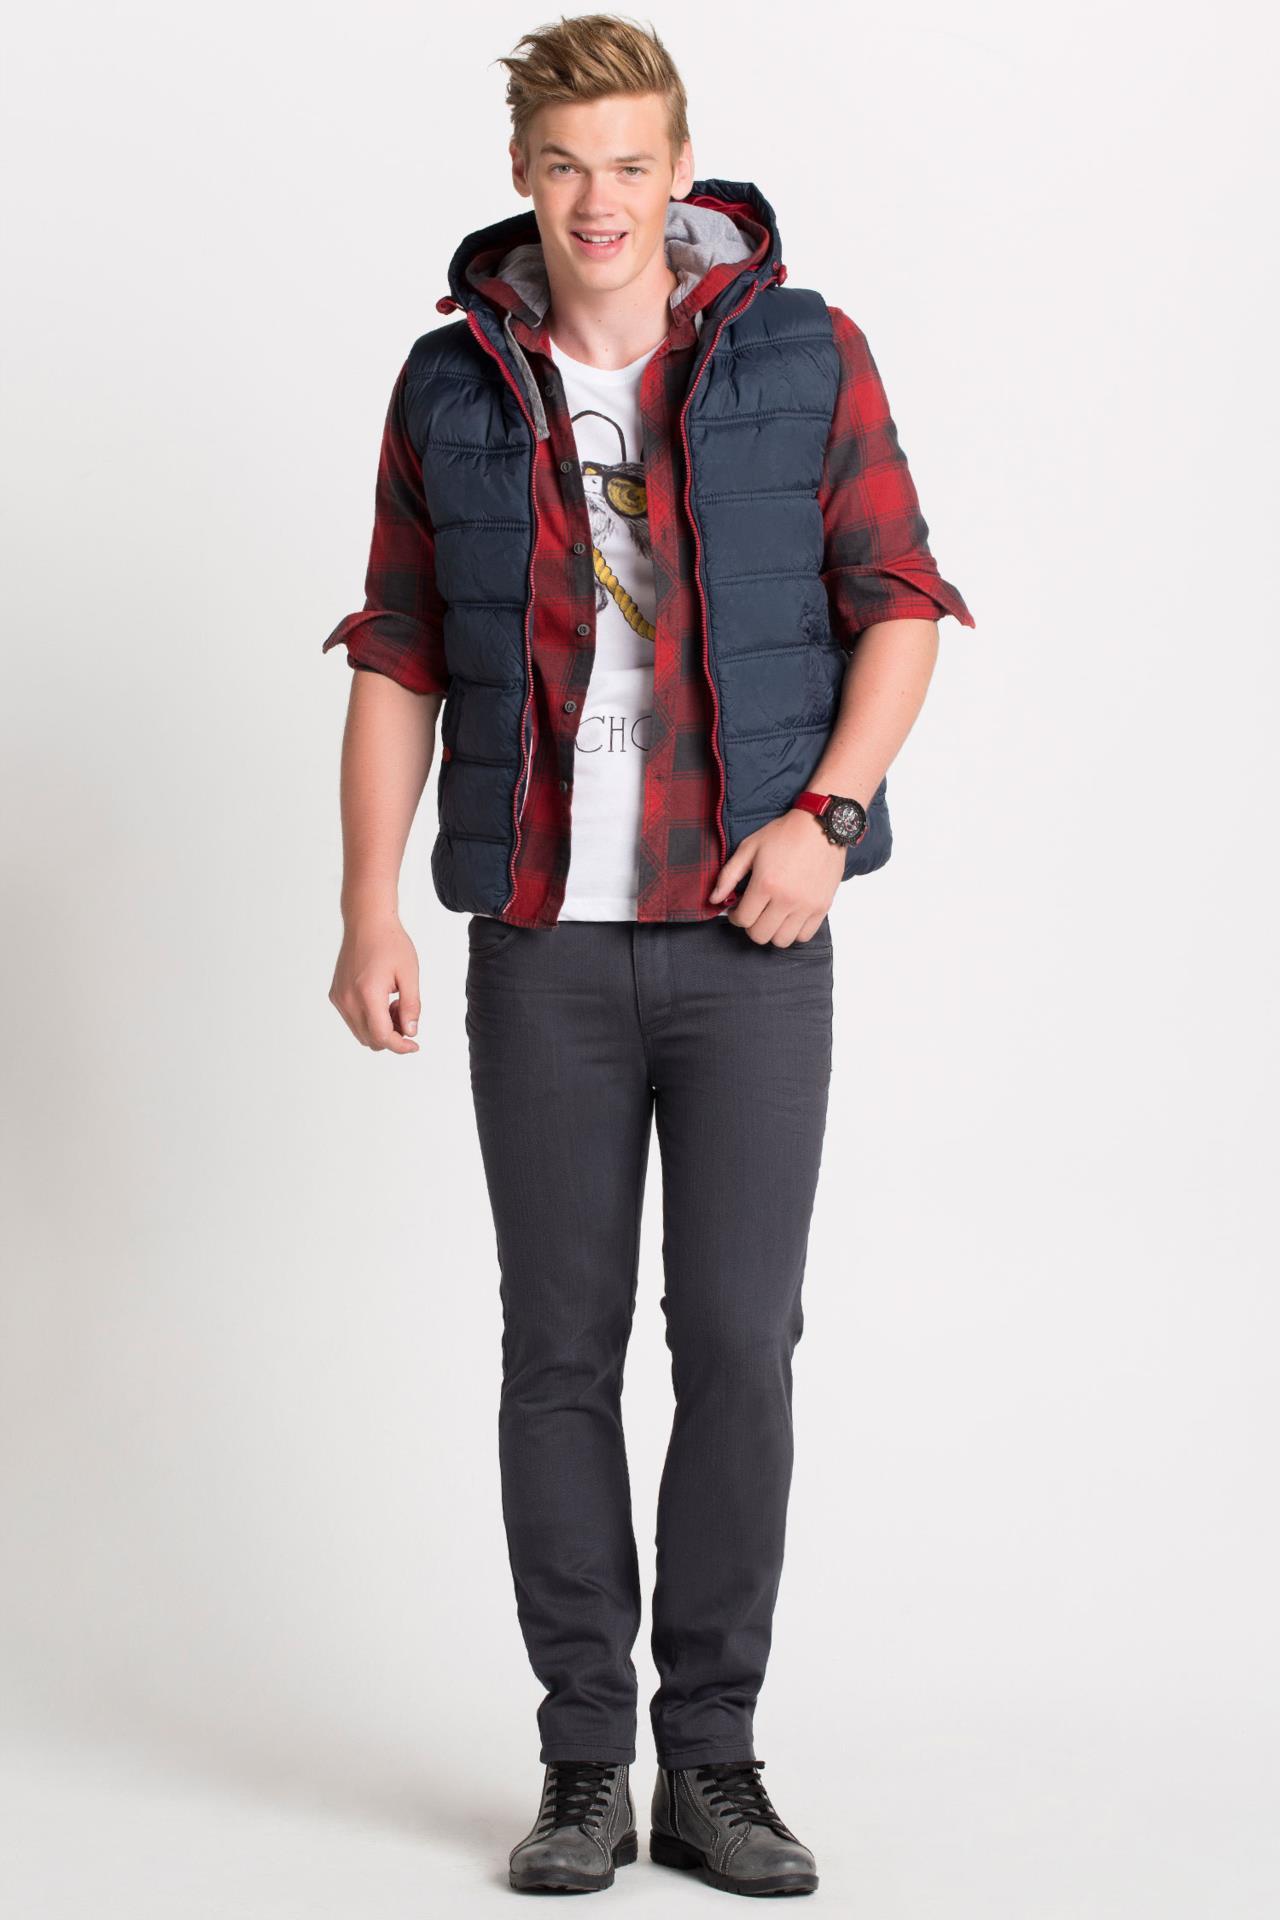 بالصور اشيك لبس للشباب , ملابس شبابيه جديدة 4623 3